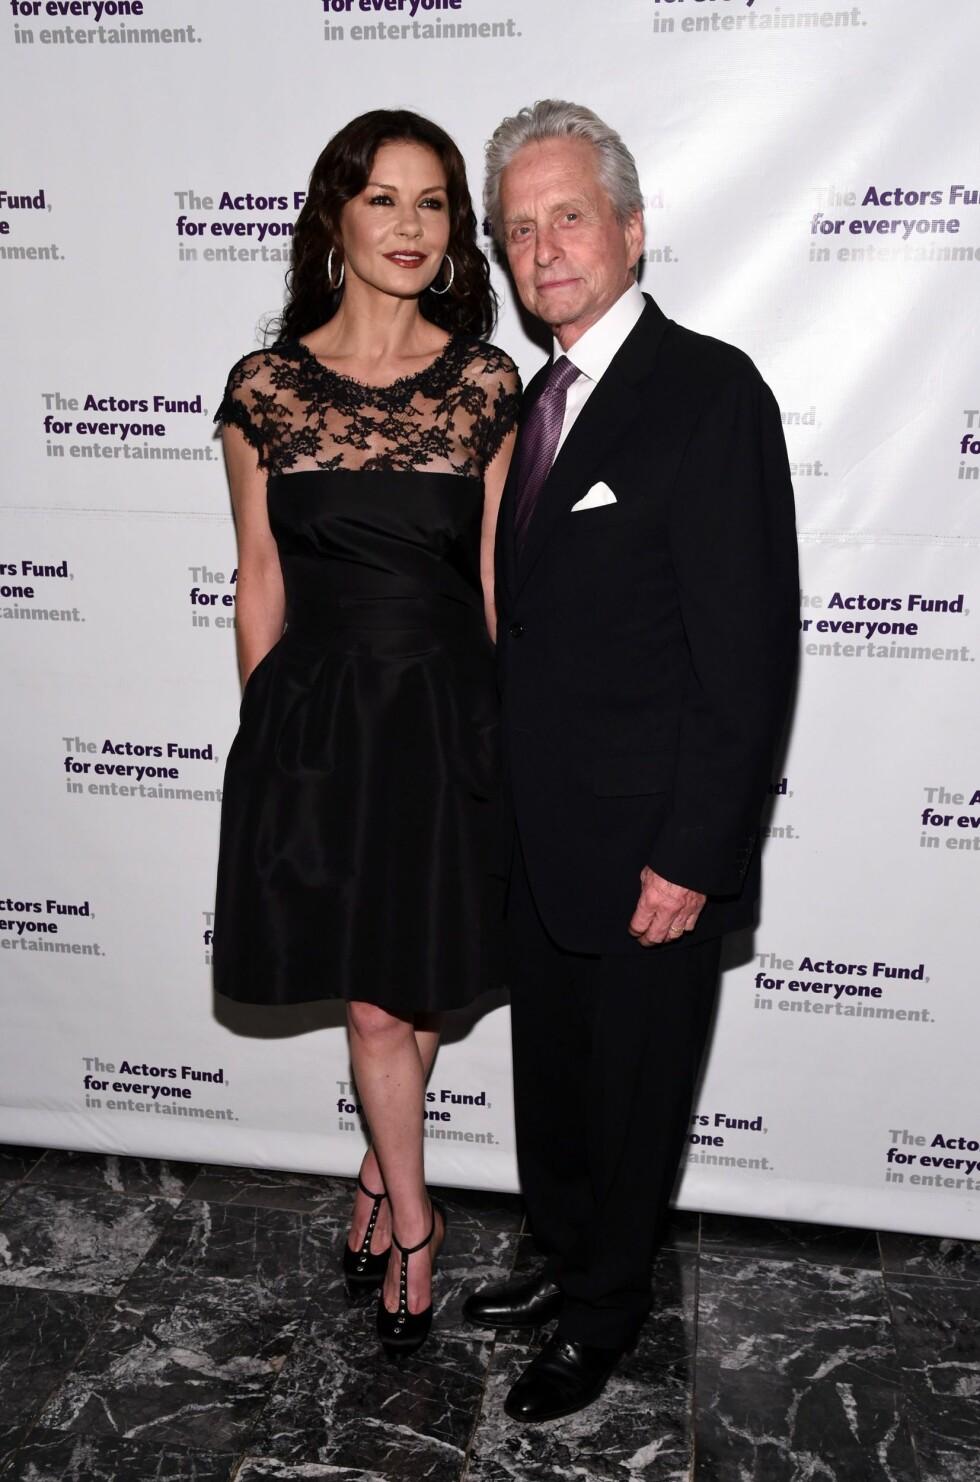 GIFTET SEG ETTER ET HALVANNET ÅR: Michael Douglas og Catherine Zeta-Jones giftet seg i november 2000.  Foto: Afp